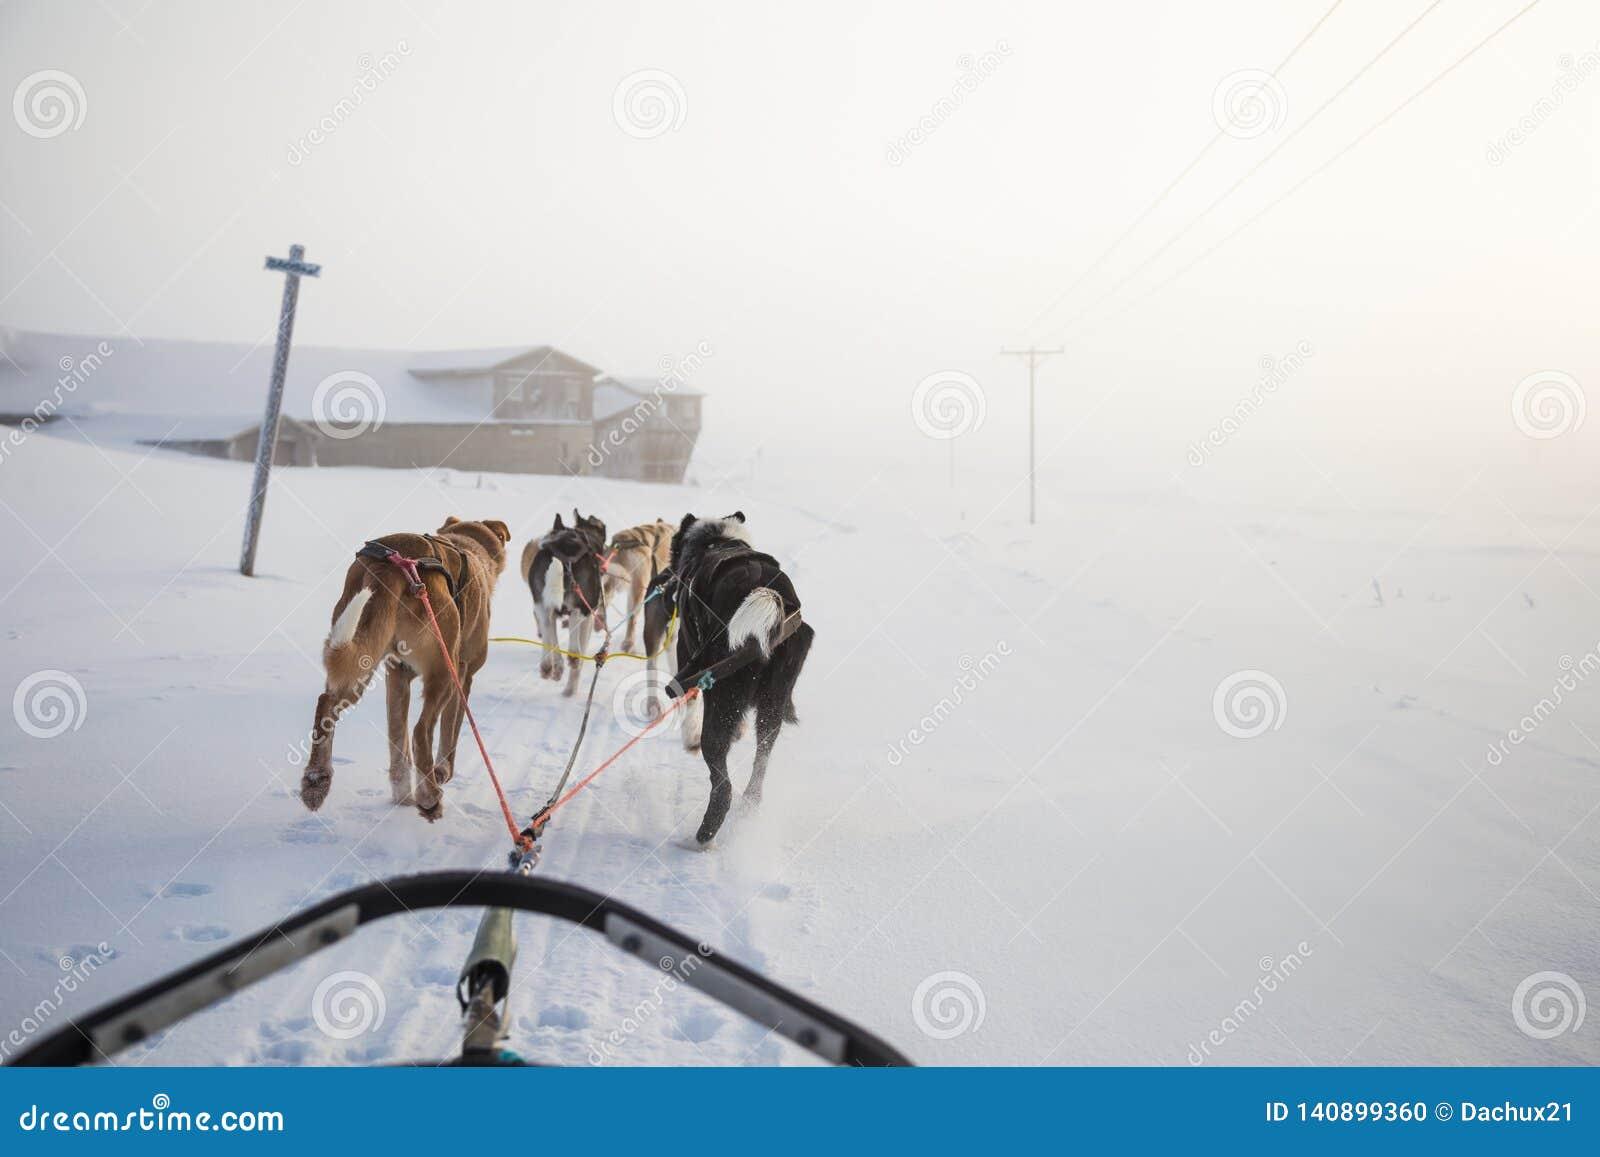 一条美丽的六条狗倒出拉扯雪撬 从坐拍的照片在雪撬透视 乐趣,在北部的健康冬季体育